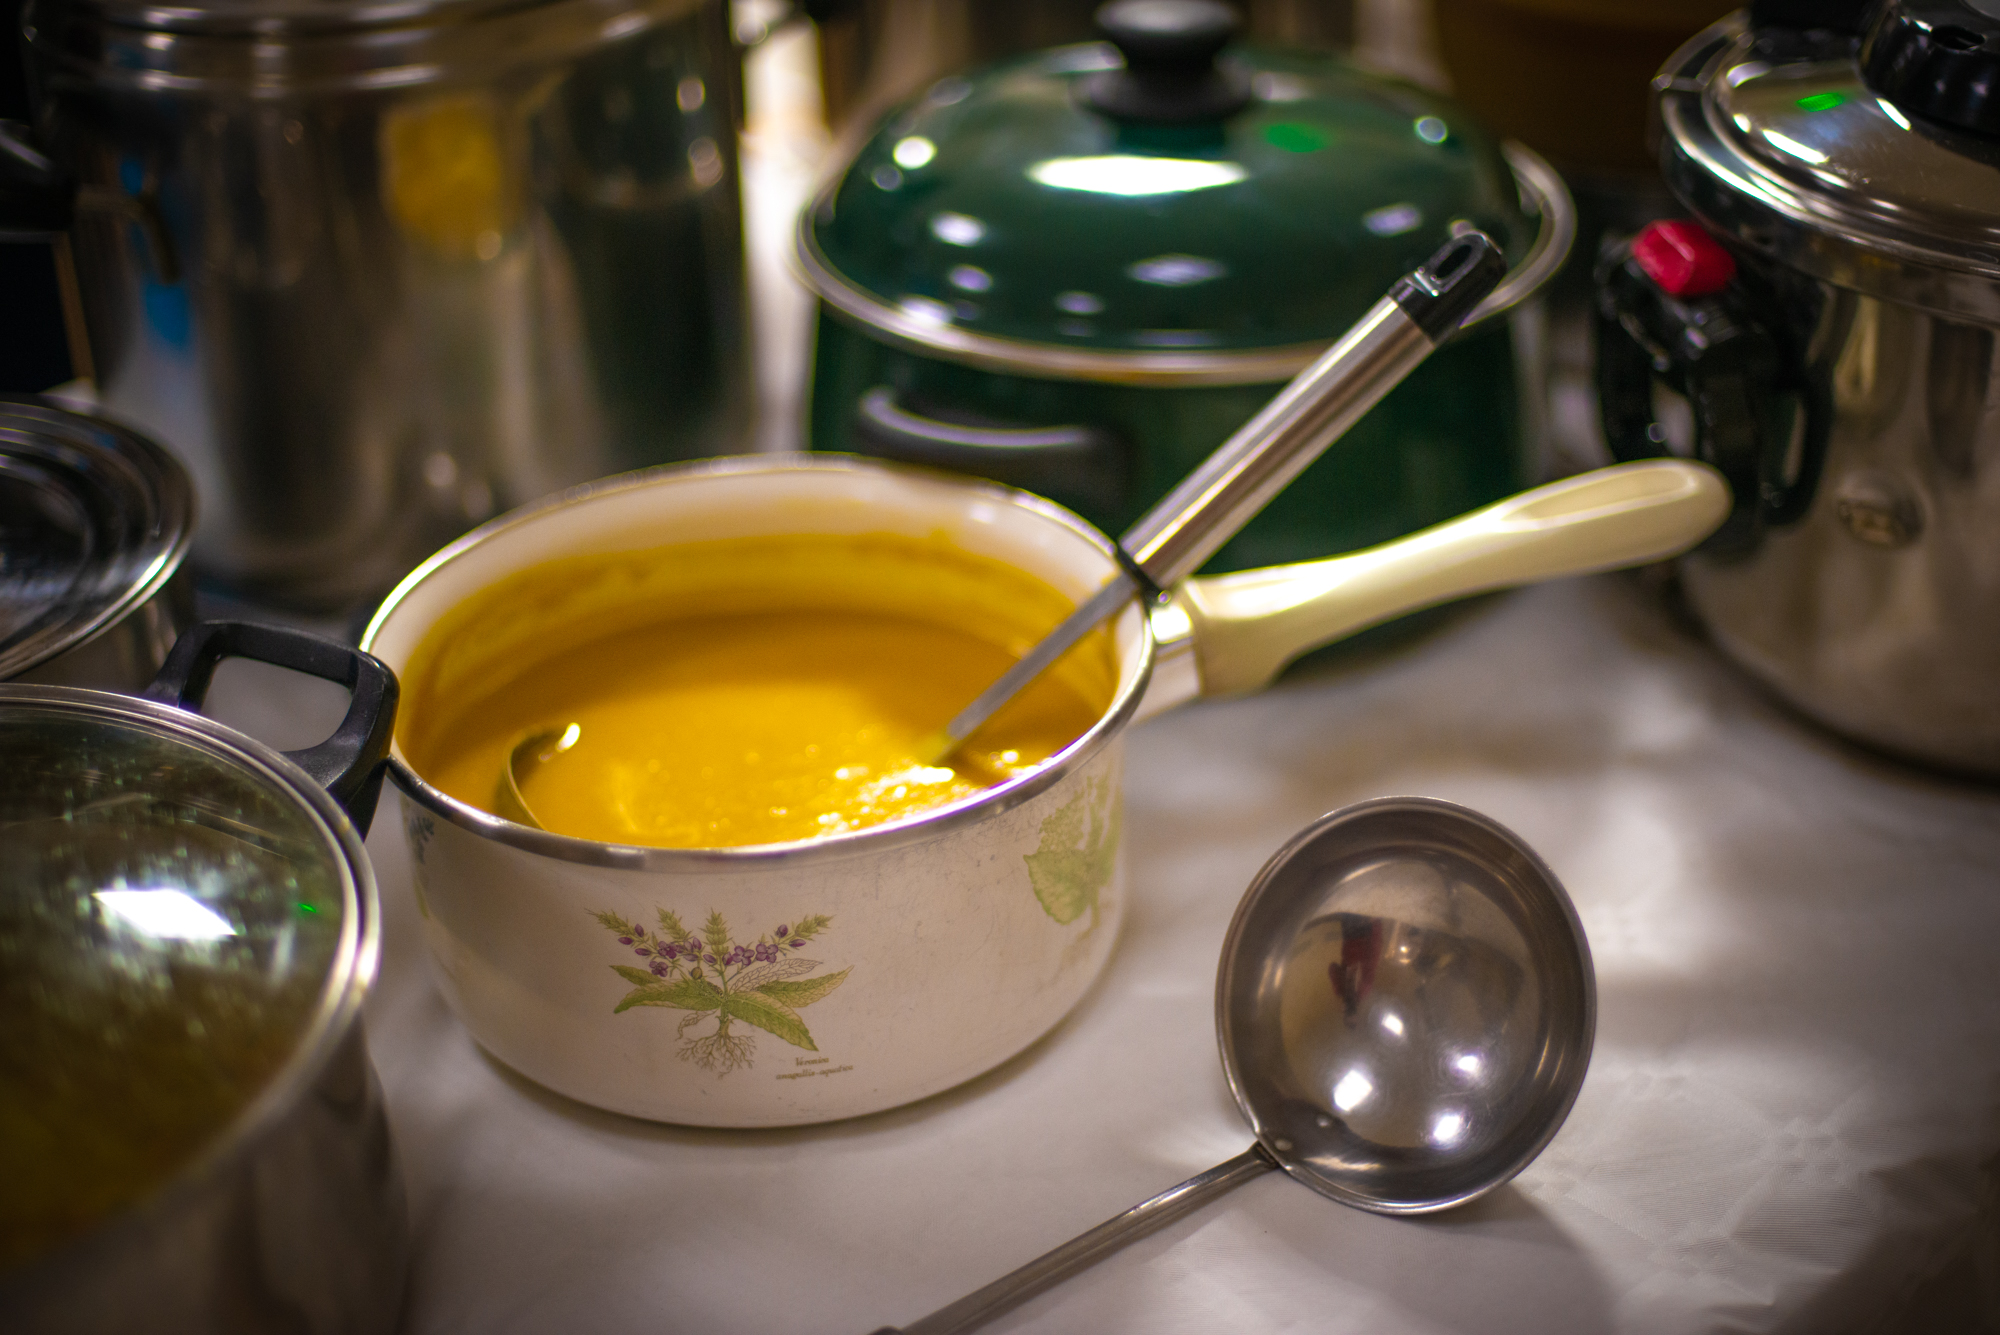 Soirée soupe à Saint-Priest-sous-Aixe